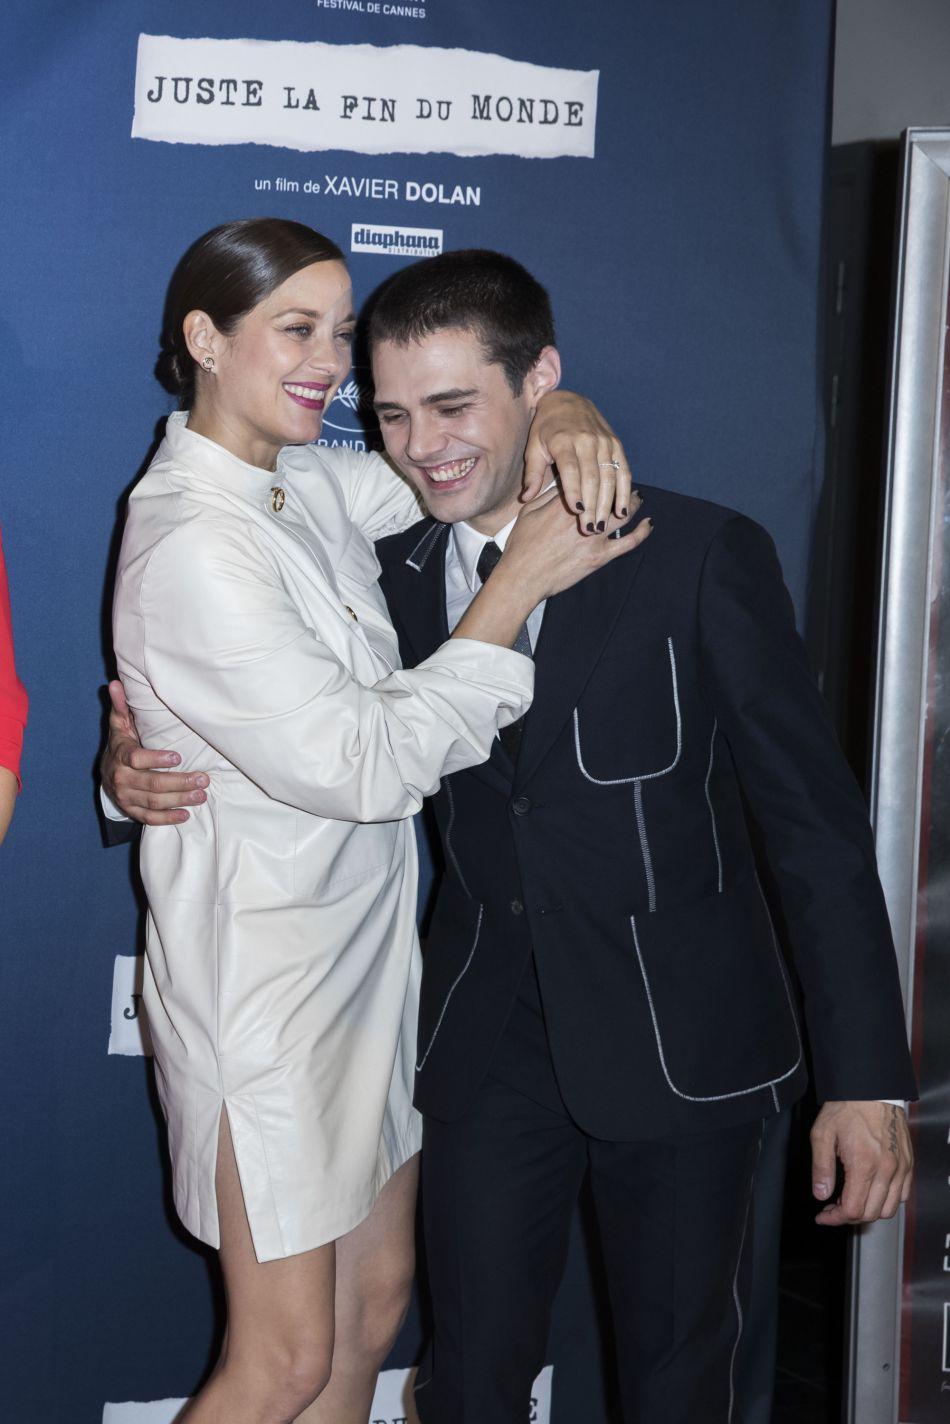 Peu importe, le réalisateur était reparti du festival de Cannes avec le Grand Prix du Jury.